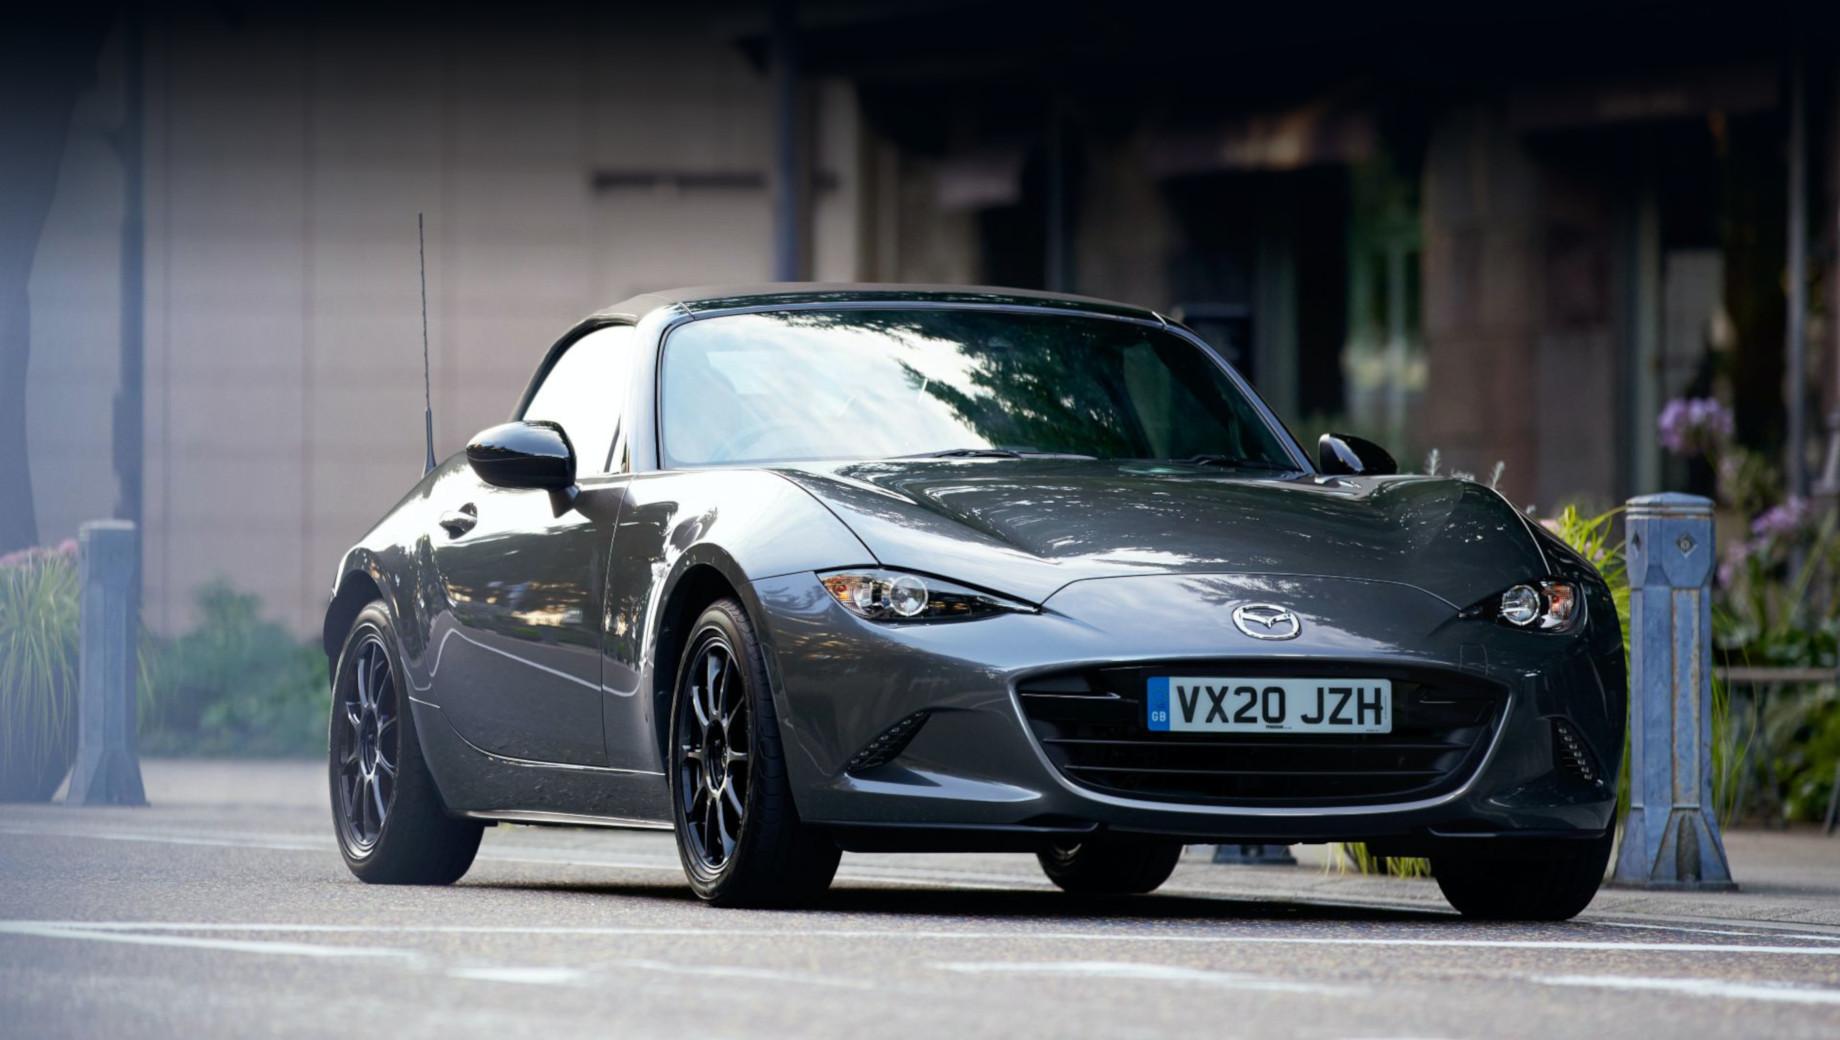 Mazda mx-5,Mazda mx-5 r-sport. Среди особенностей серии — кузовная краска Polymetal Grey и 16-дюймовые колёсные диски Rays ZE40 Gun Metallic.